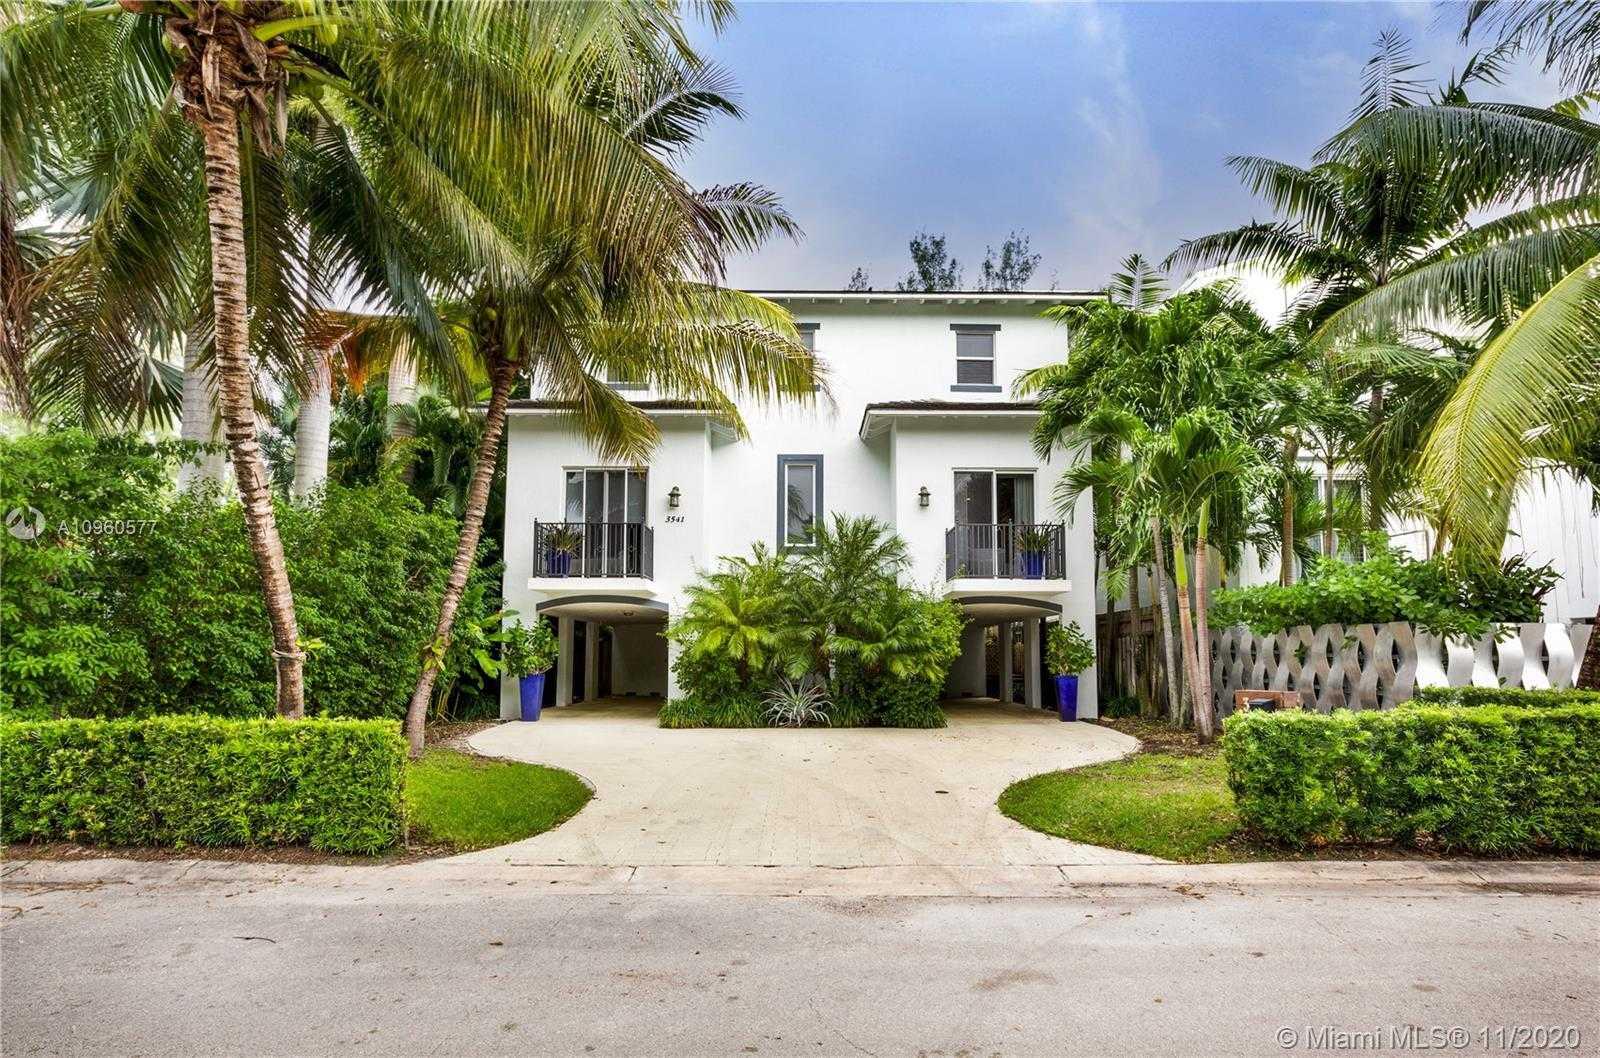 $1,790,000 - 4Br/3Ba -  for Sale in Glencoe A Sub, Miami